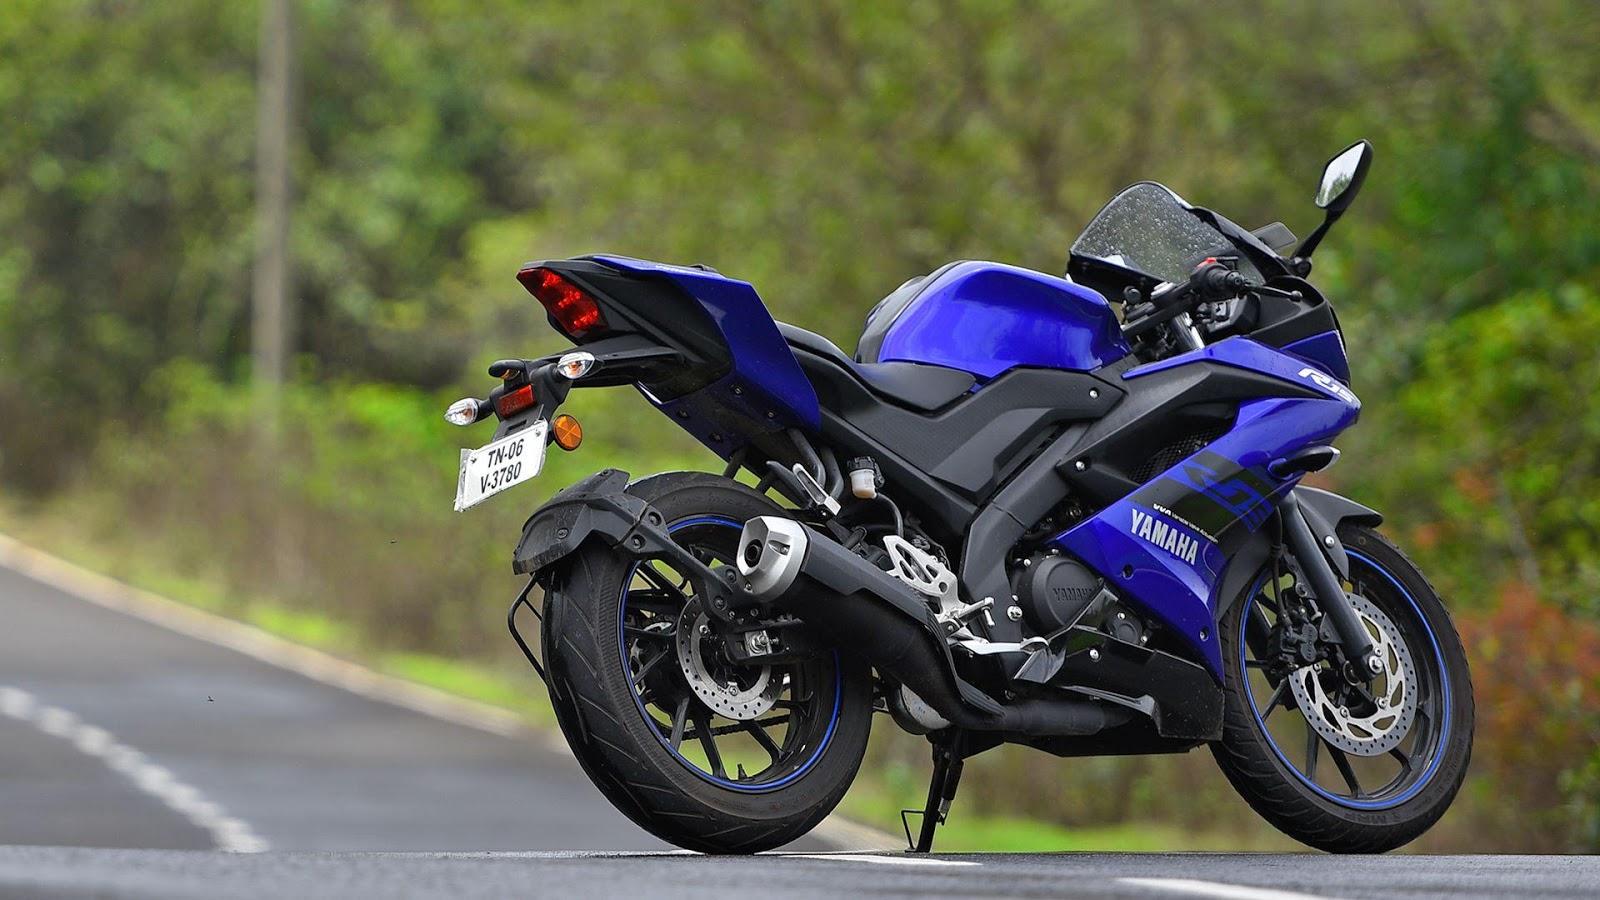 Gambar Yamaha R15 V3 kualitas HD - 27